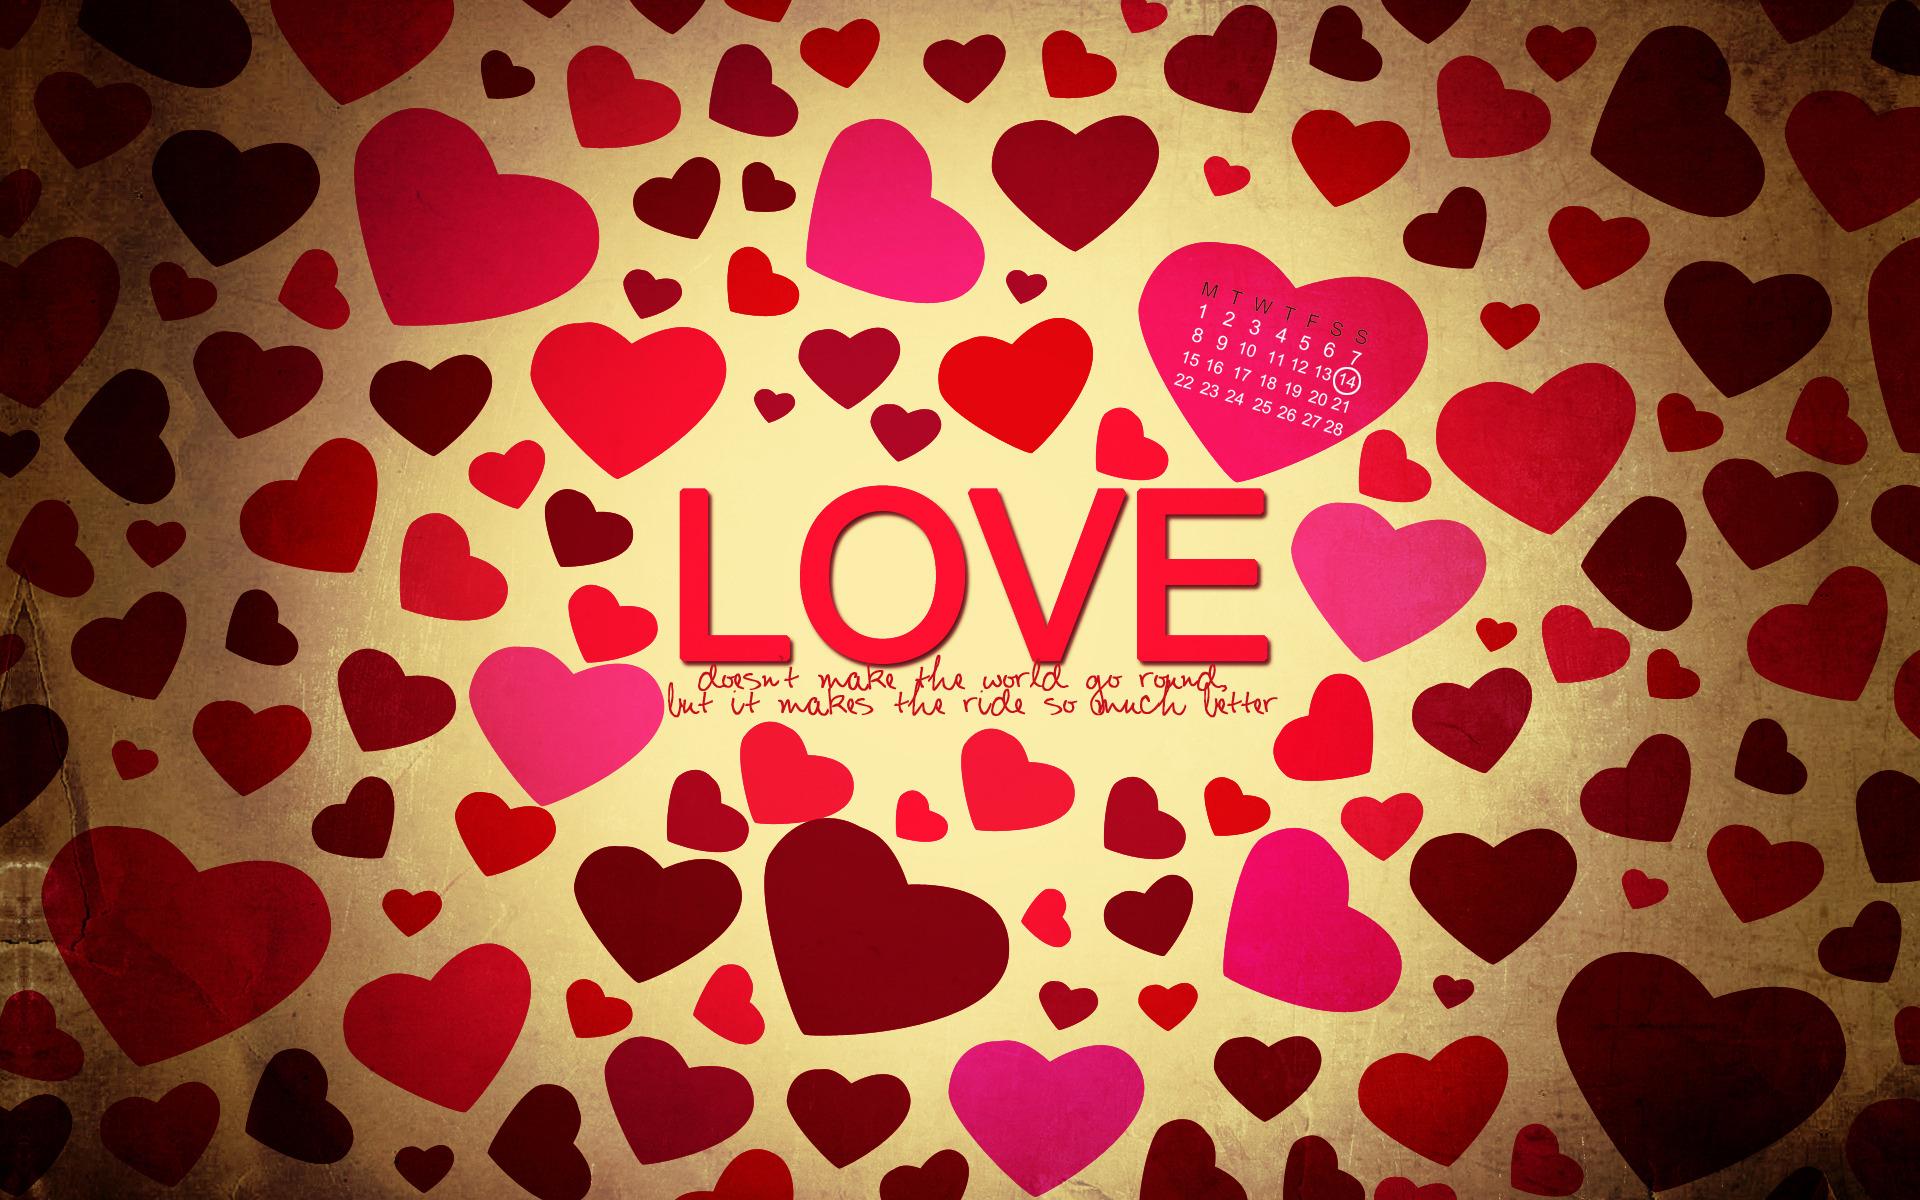 Любовь, LOVE wallpaper, скачать фото, обои на рабочий стол, сердечки